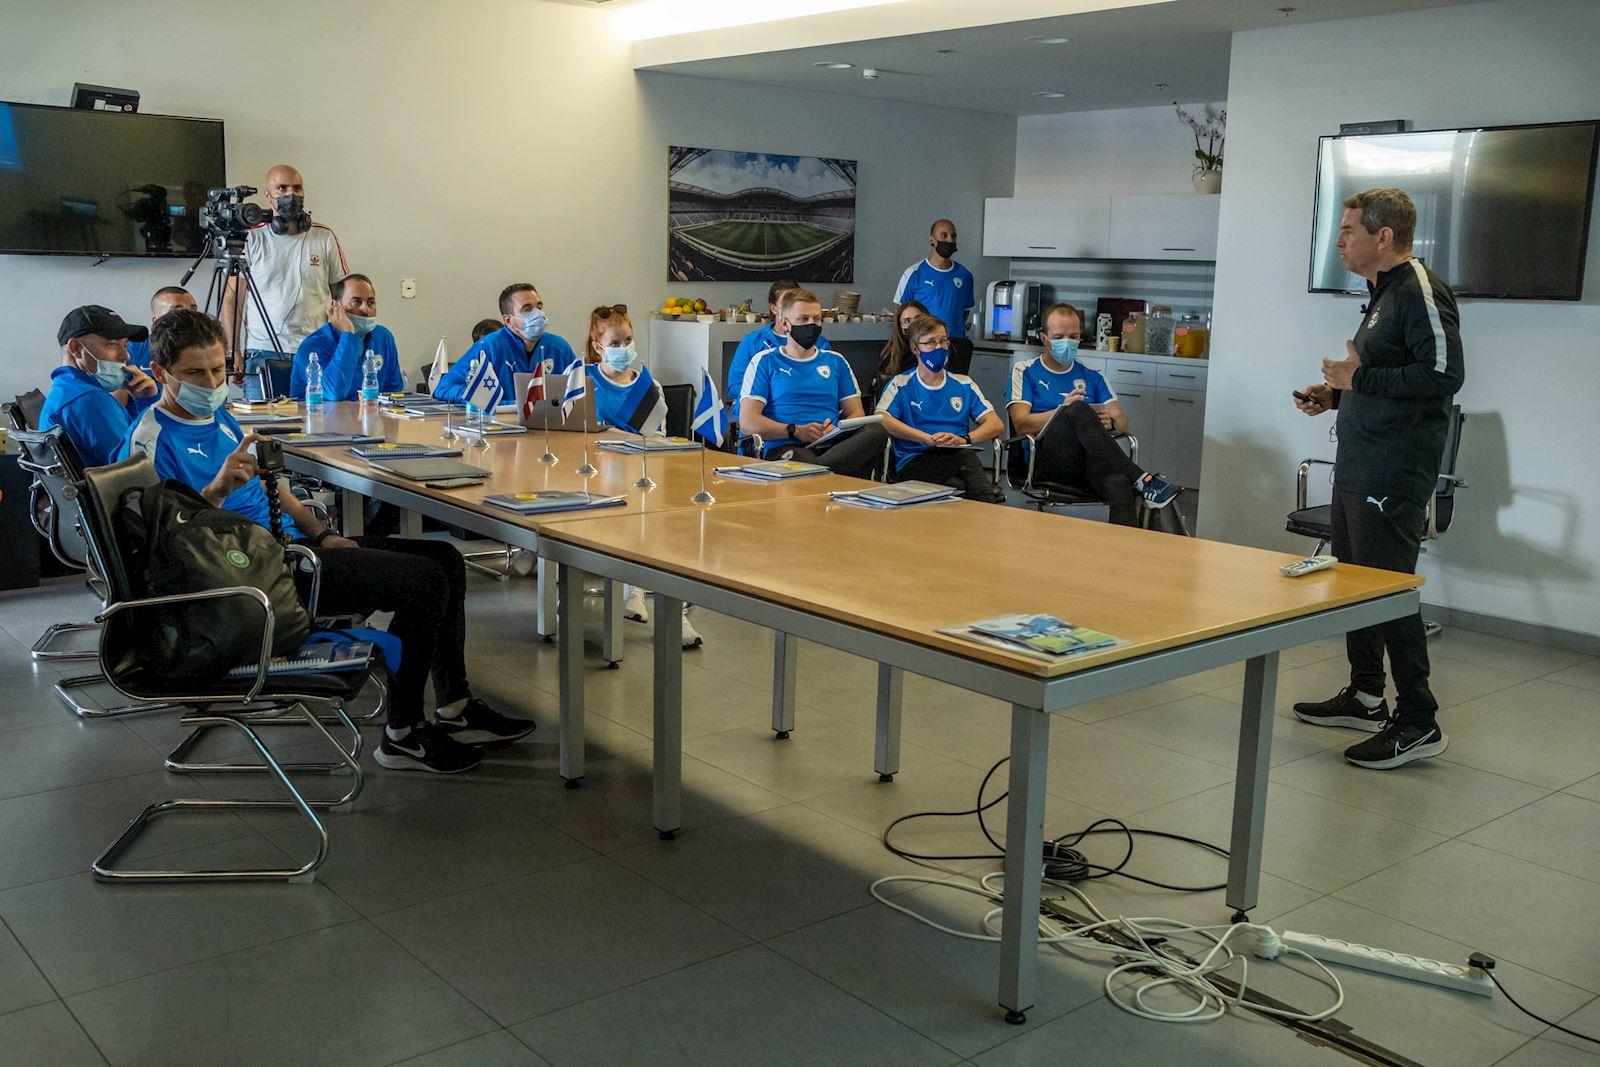 הצוות הפיזיולוגי והאנליסטי הרצה בפני נציגים מהתאחדויות באירופה